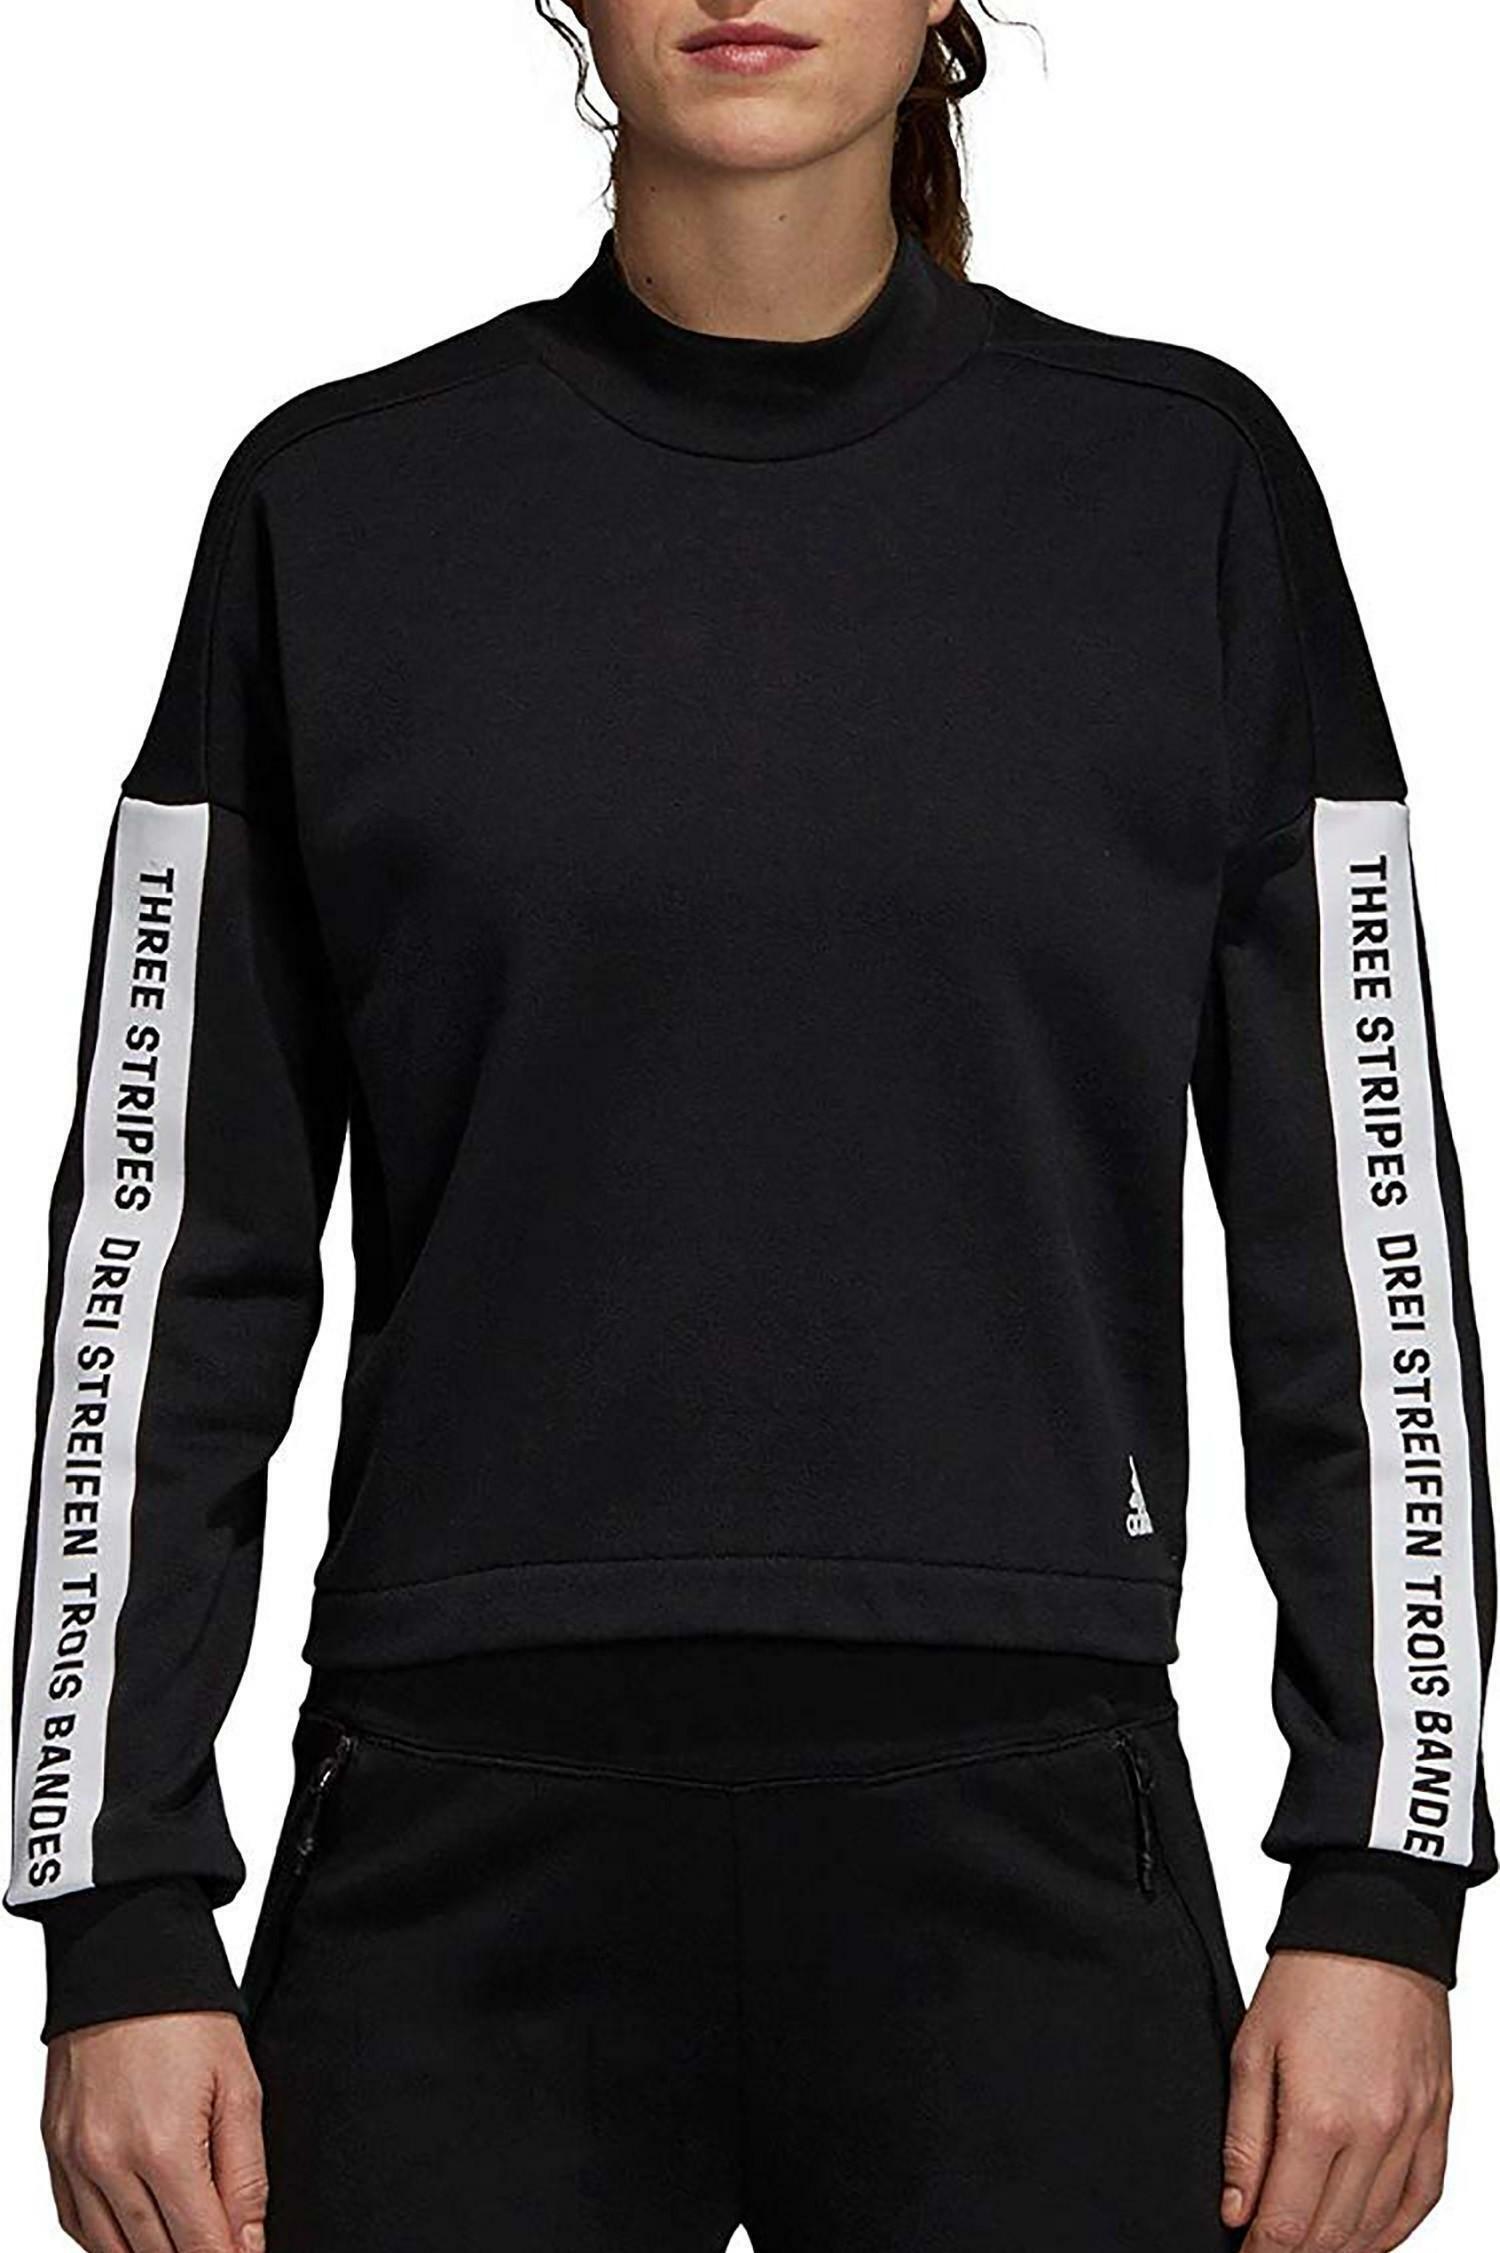 adidas adidas sid sweatshir felpa donna nera dm7279